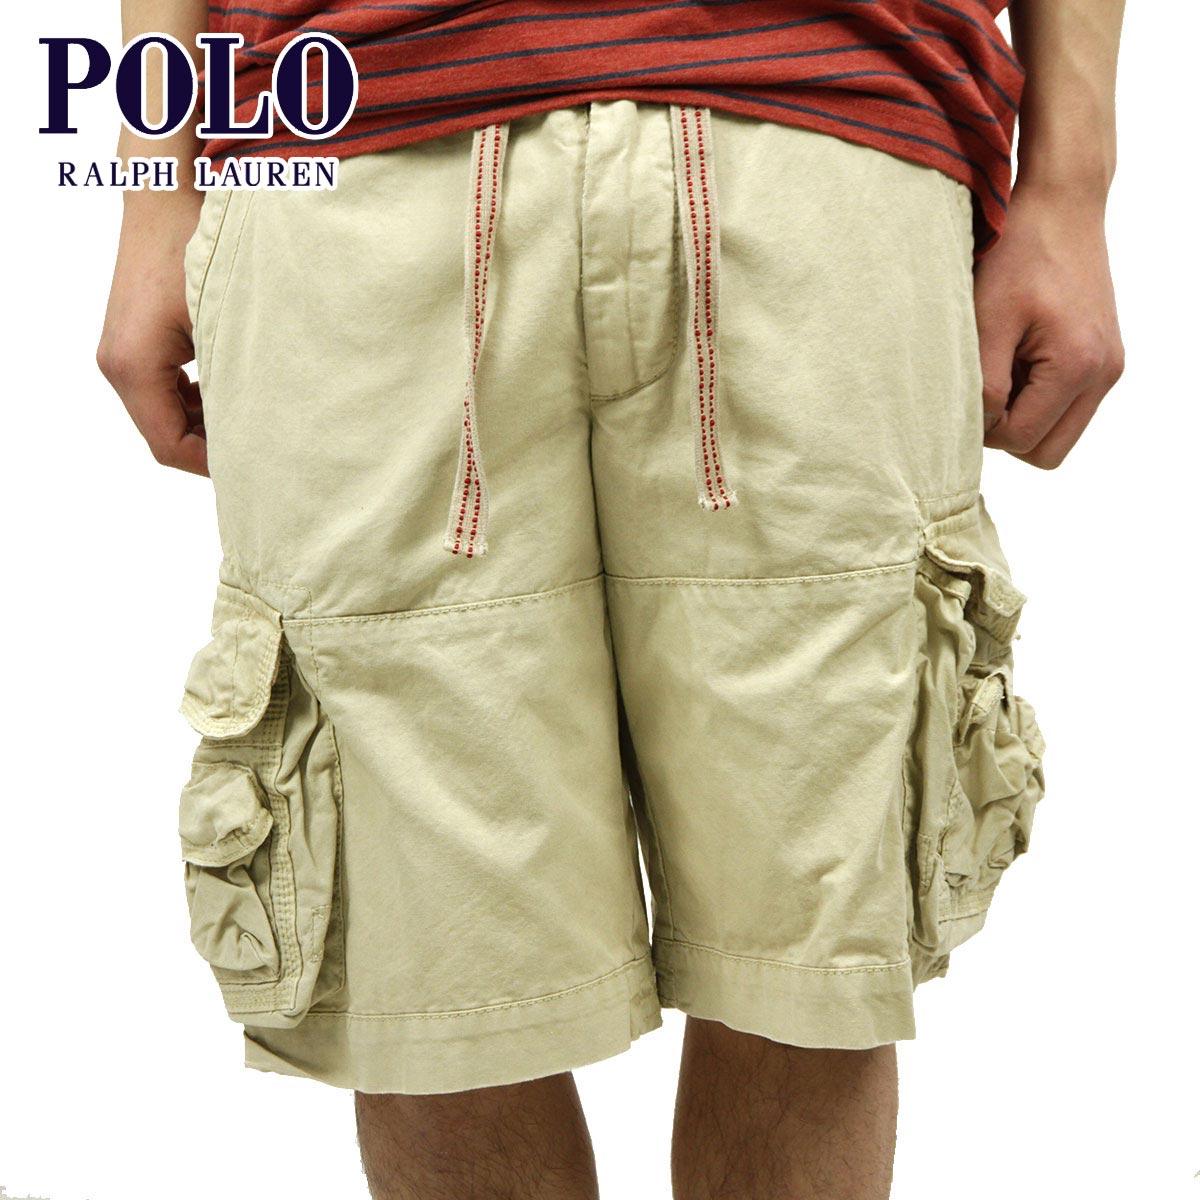 ポロ ラルフローレン POLO RALPH LAUREN 正規品 メンズ ショートパンツ SHORT PANTS ベージュ D00S20